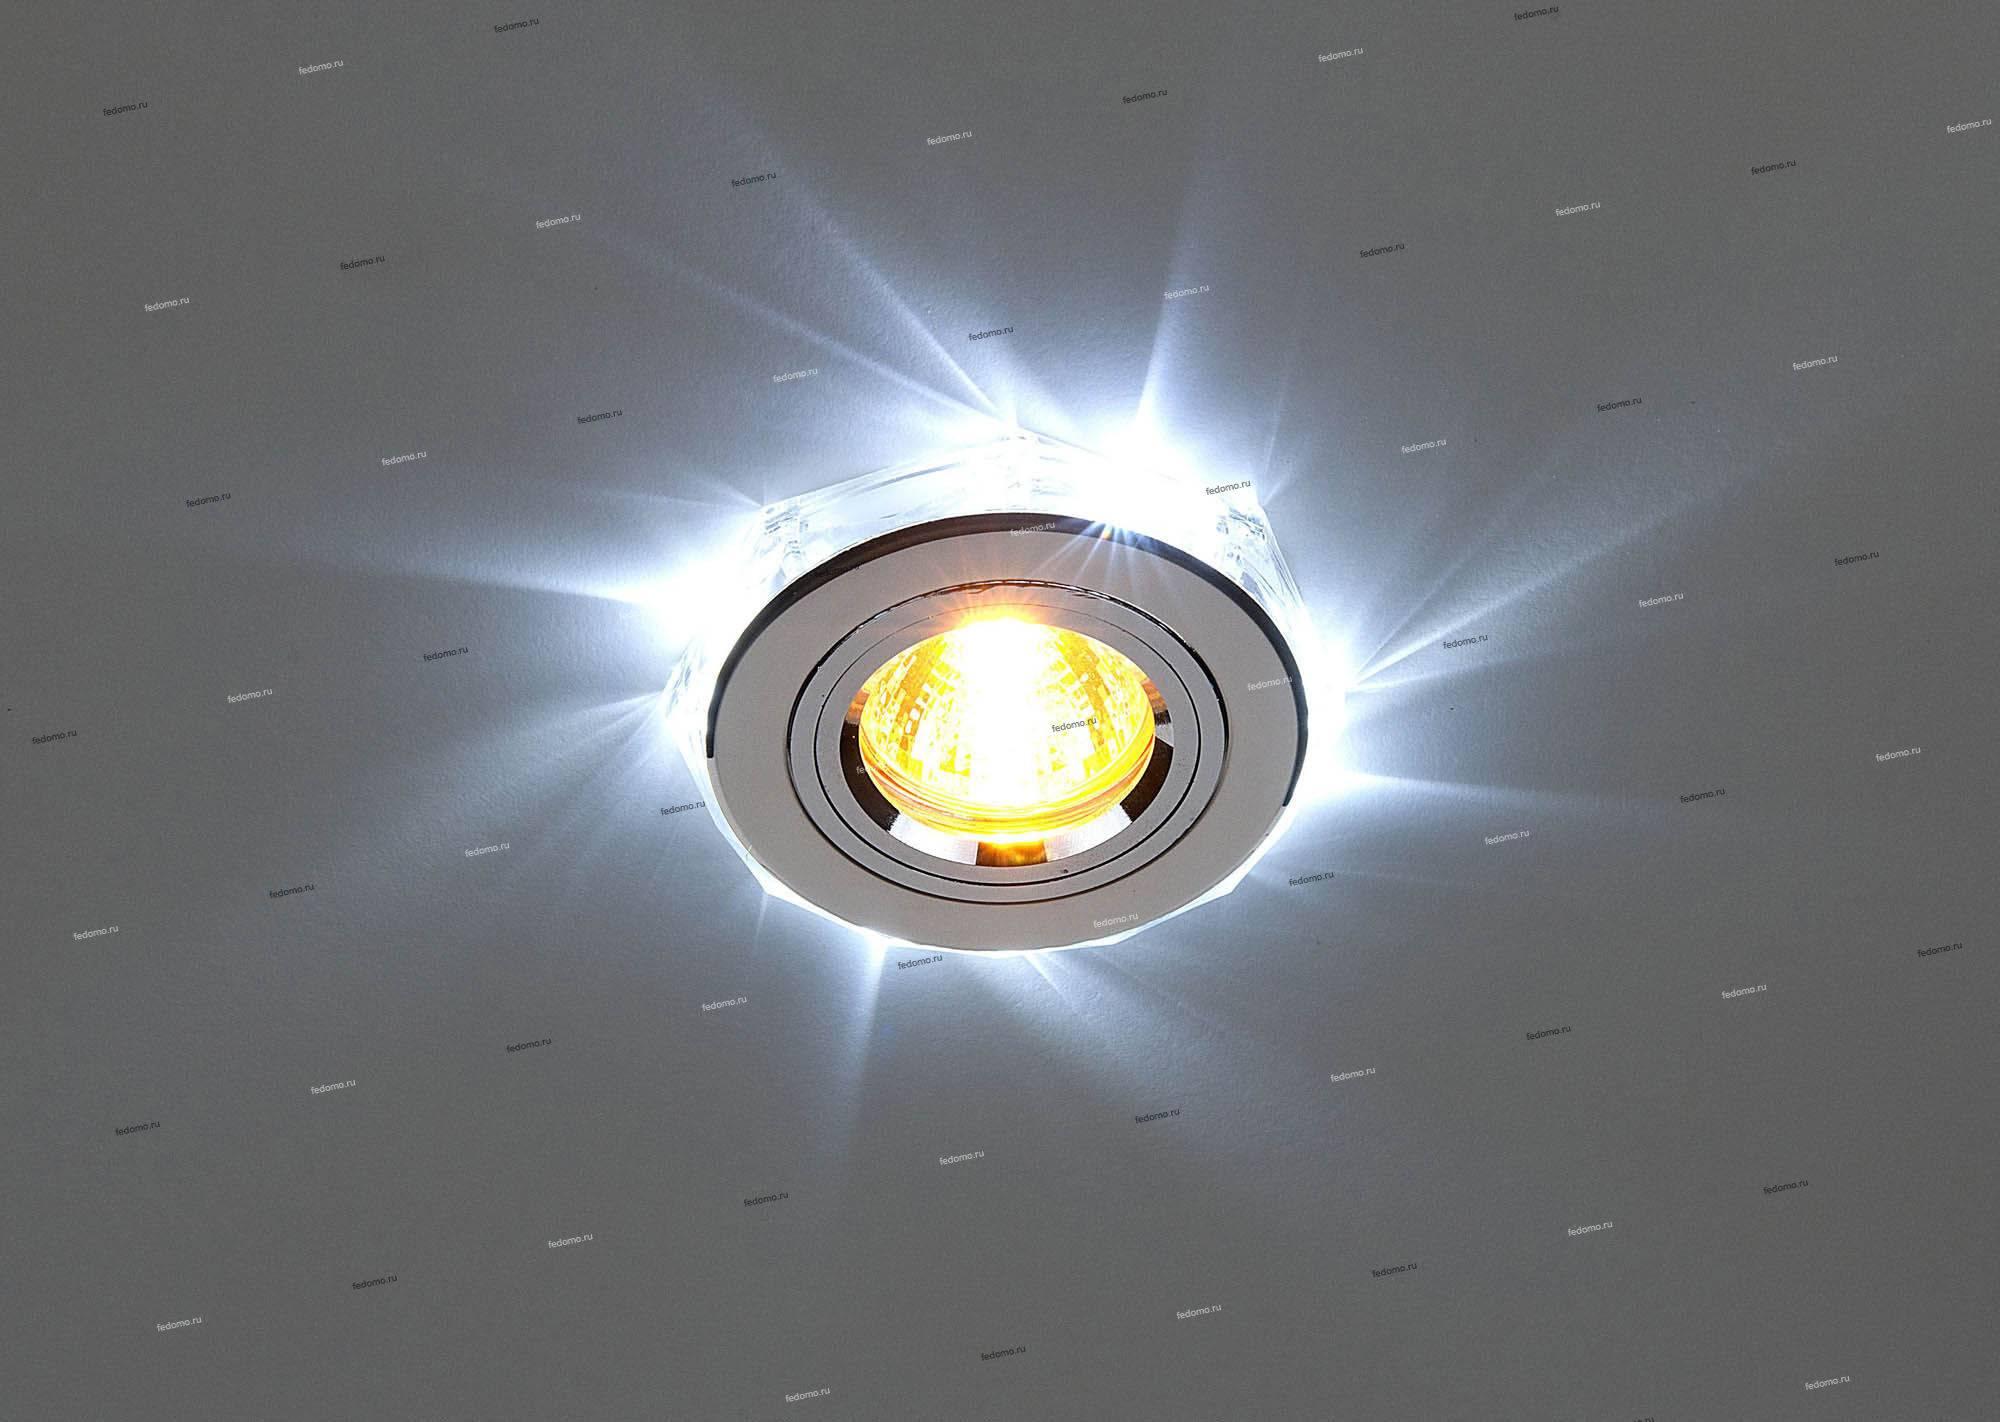 Какие светильники выбрать для установки в натяжной потолок?